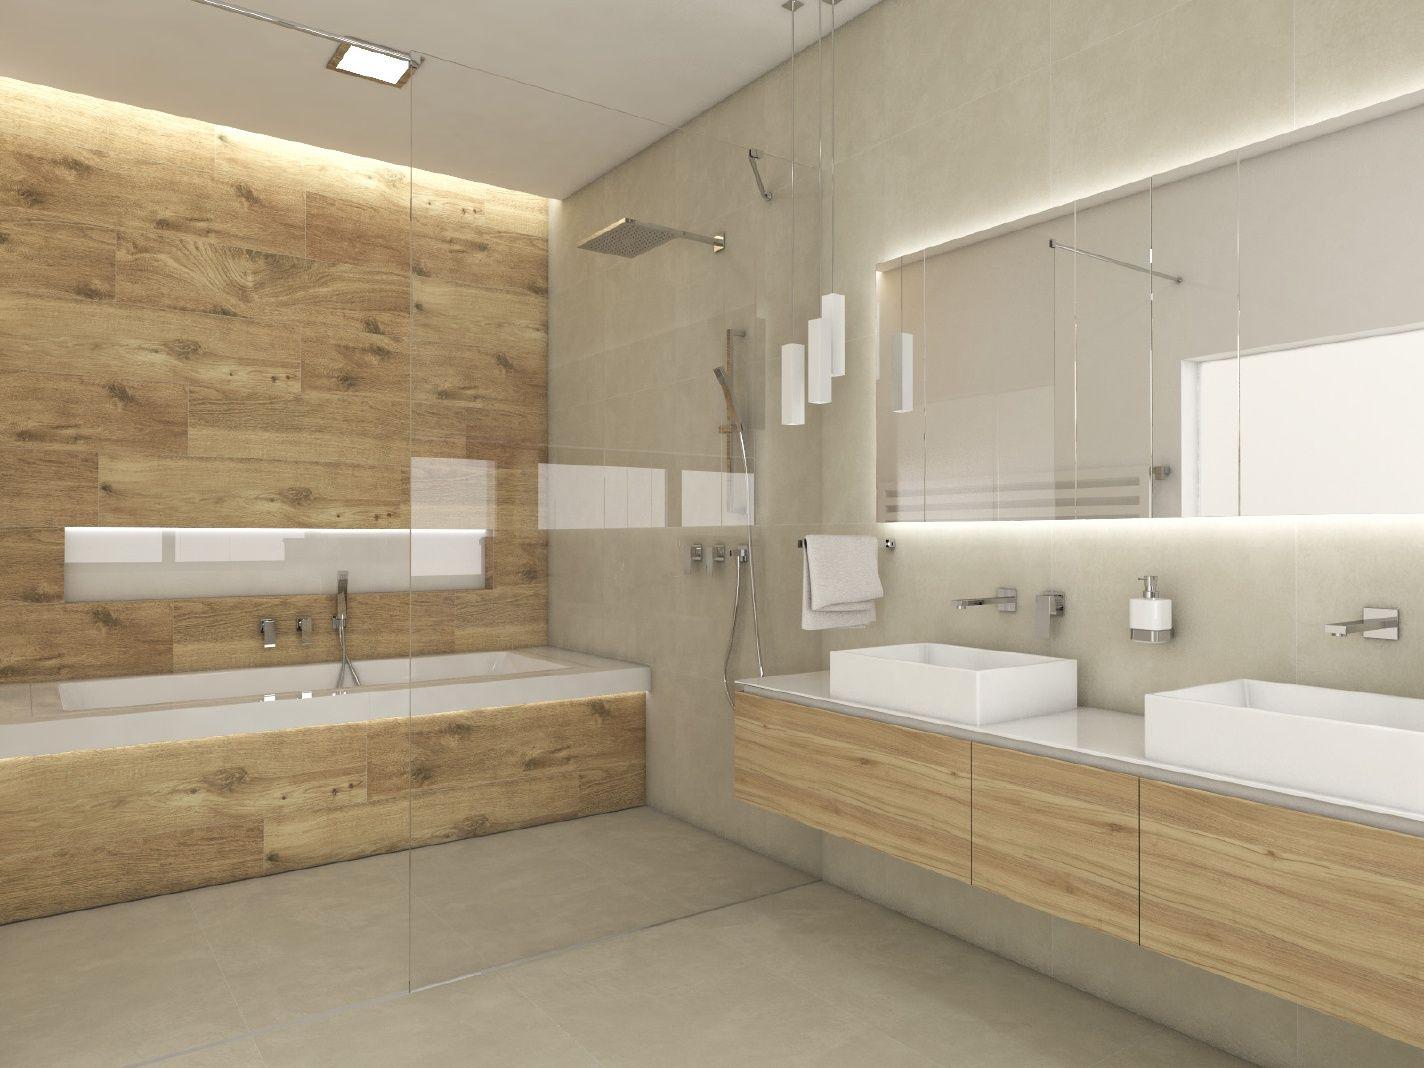 Badezimmer modernes design  Moderní koupelna SAND - Pohled od vstupu - denní | Bathroom ...